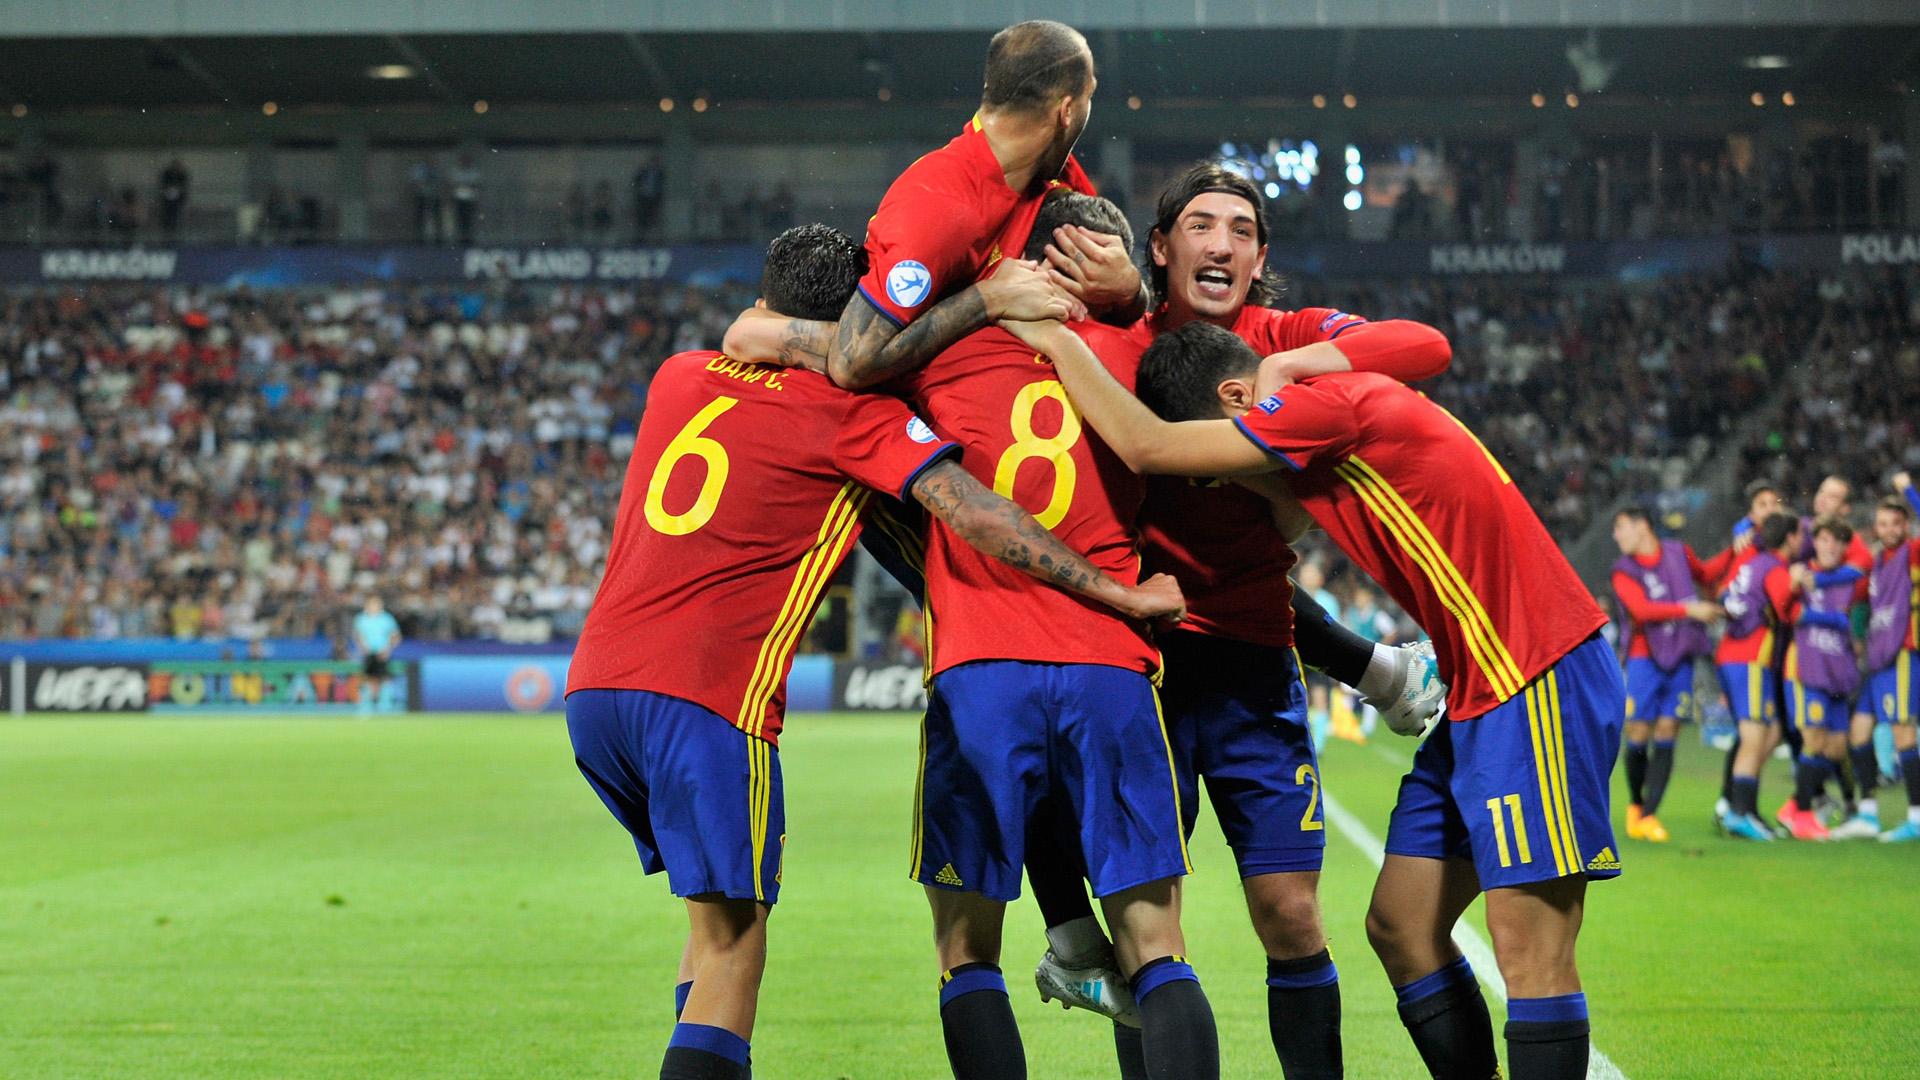 Alemania vence a España y es campeona europea Sub21